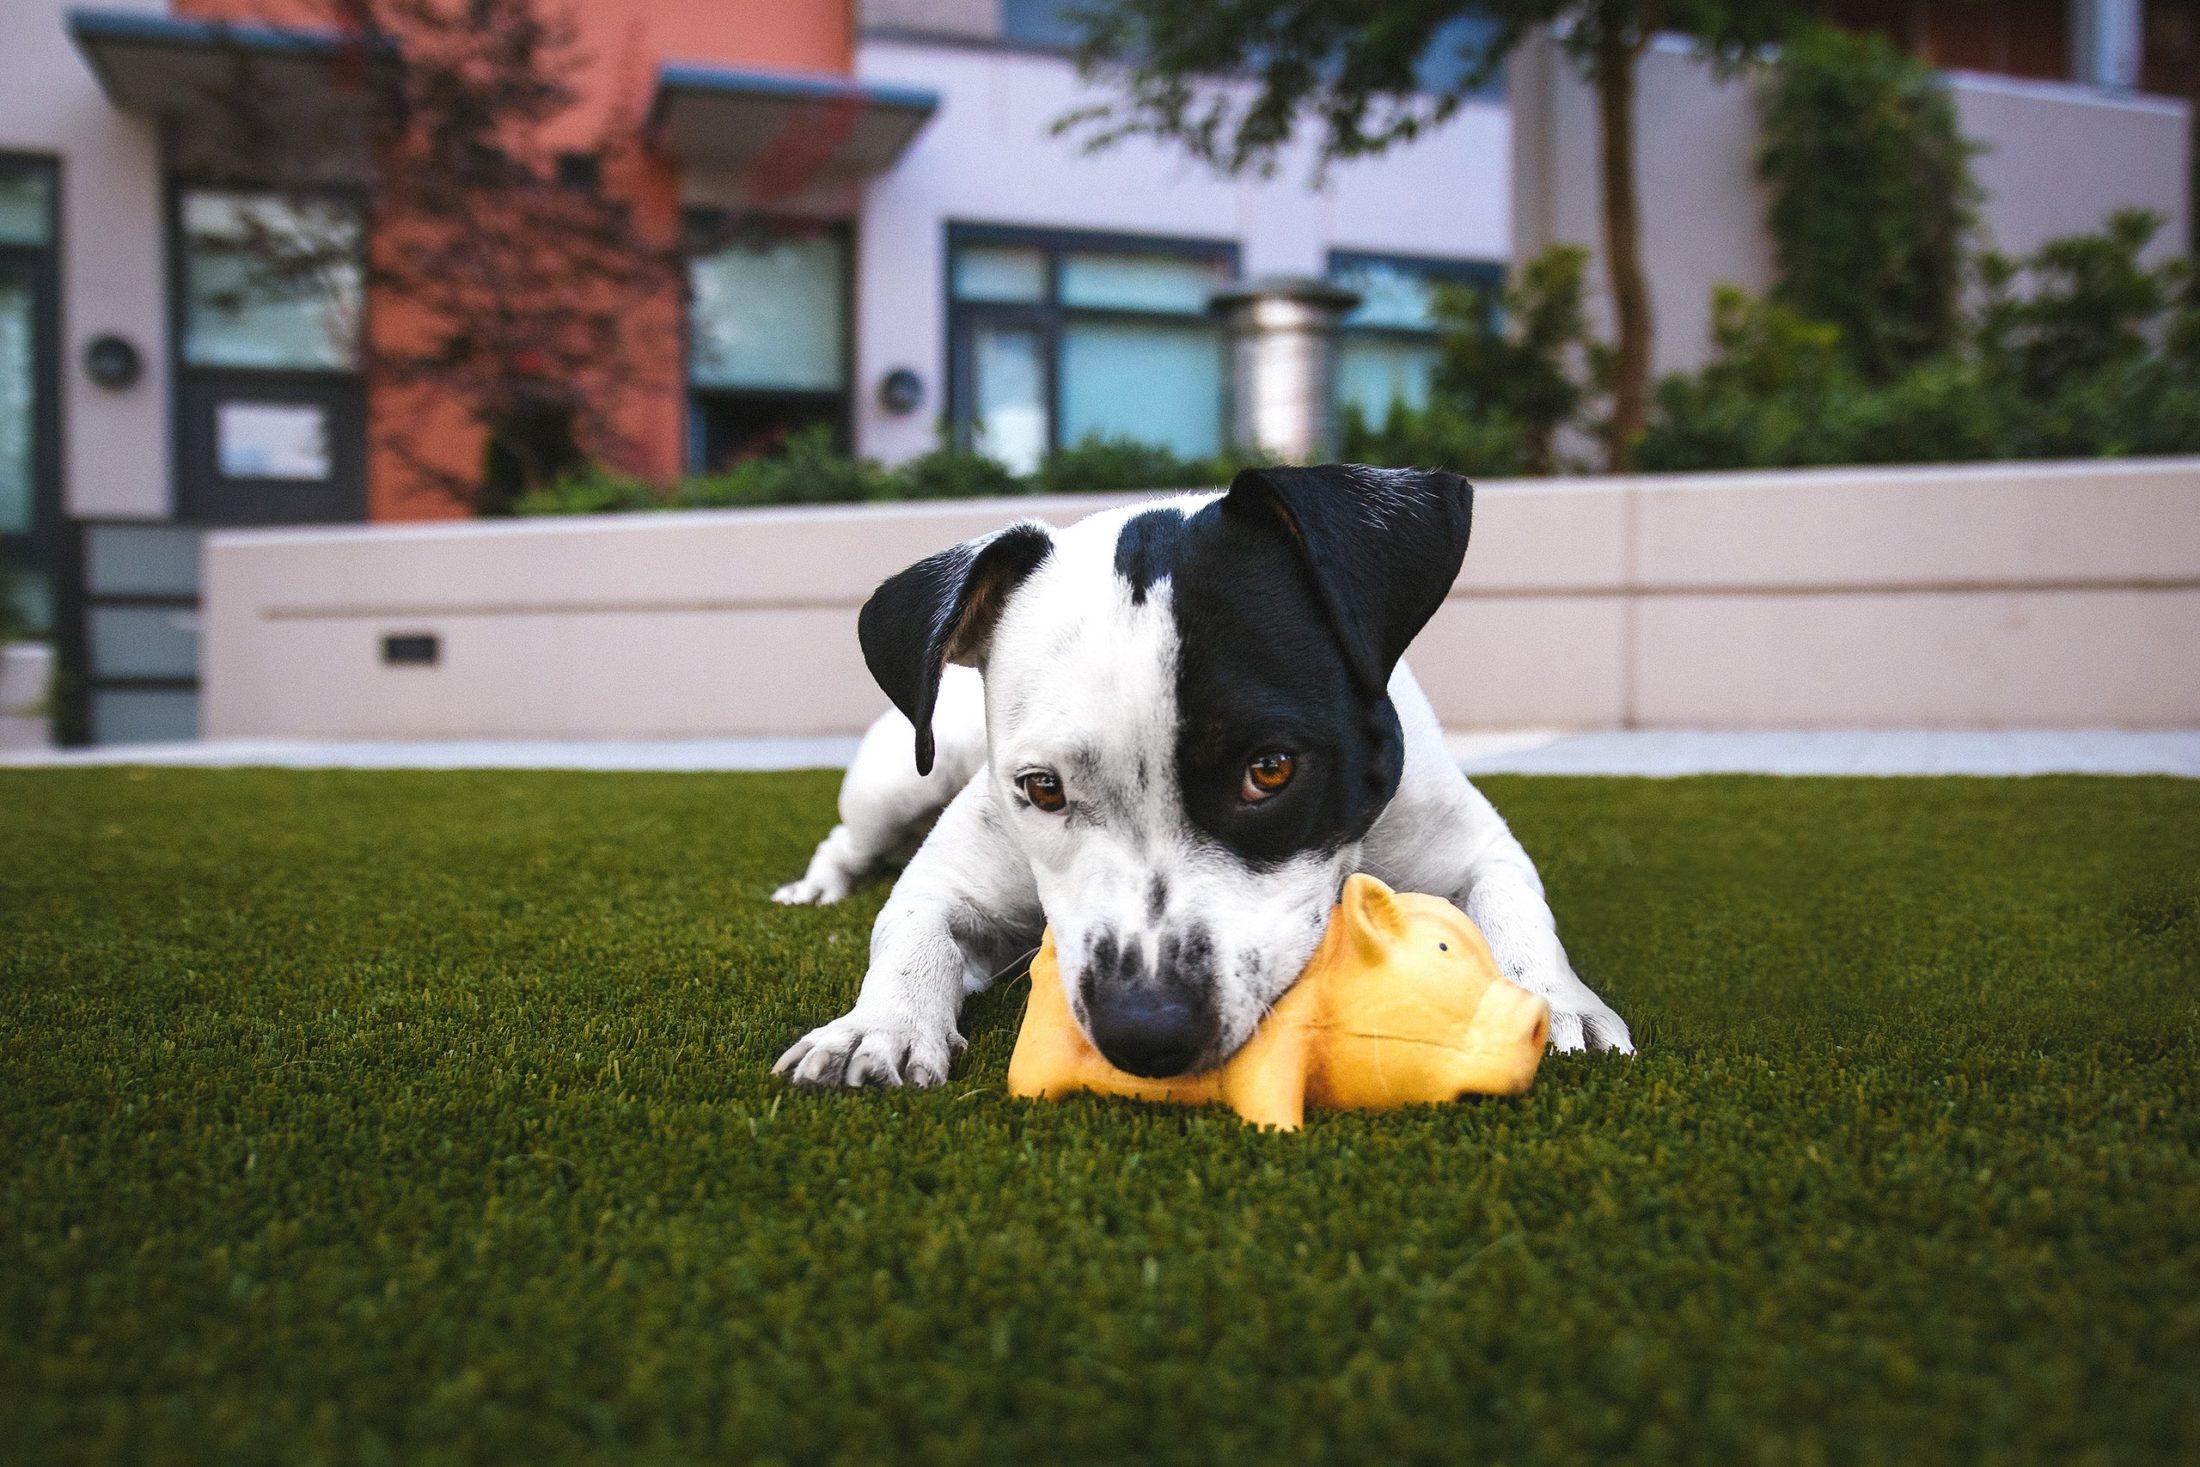 Os brinquedos para cachorro grande são necessários para evitar a solidão e a ansiedade.